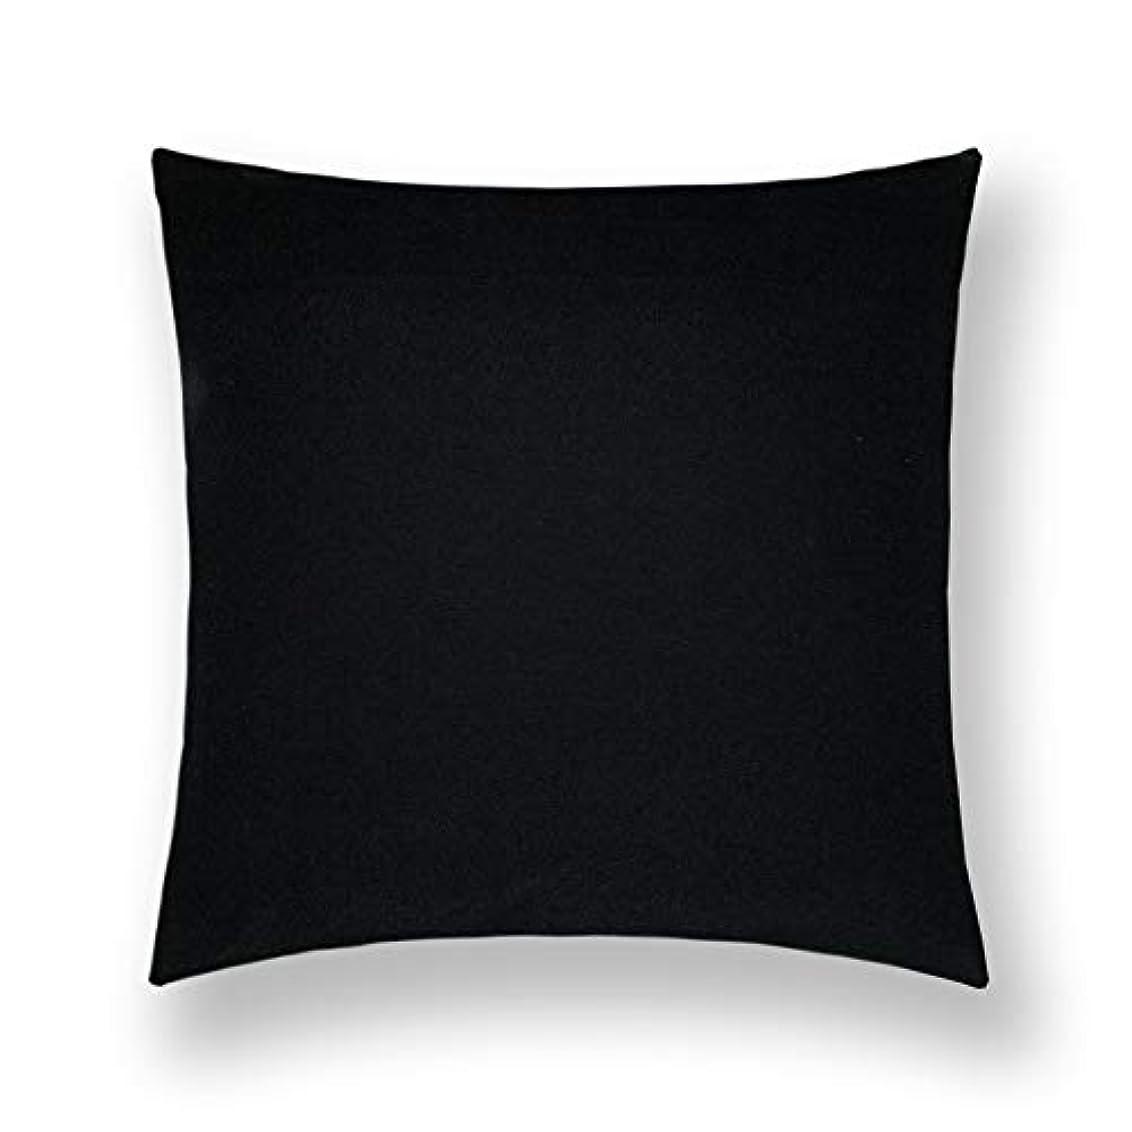 脅かすショッピングセンター船尾MIFAN リネンクッションカバー枕カバー